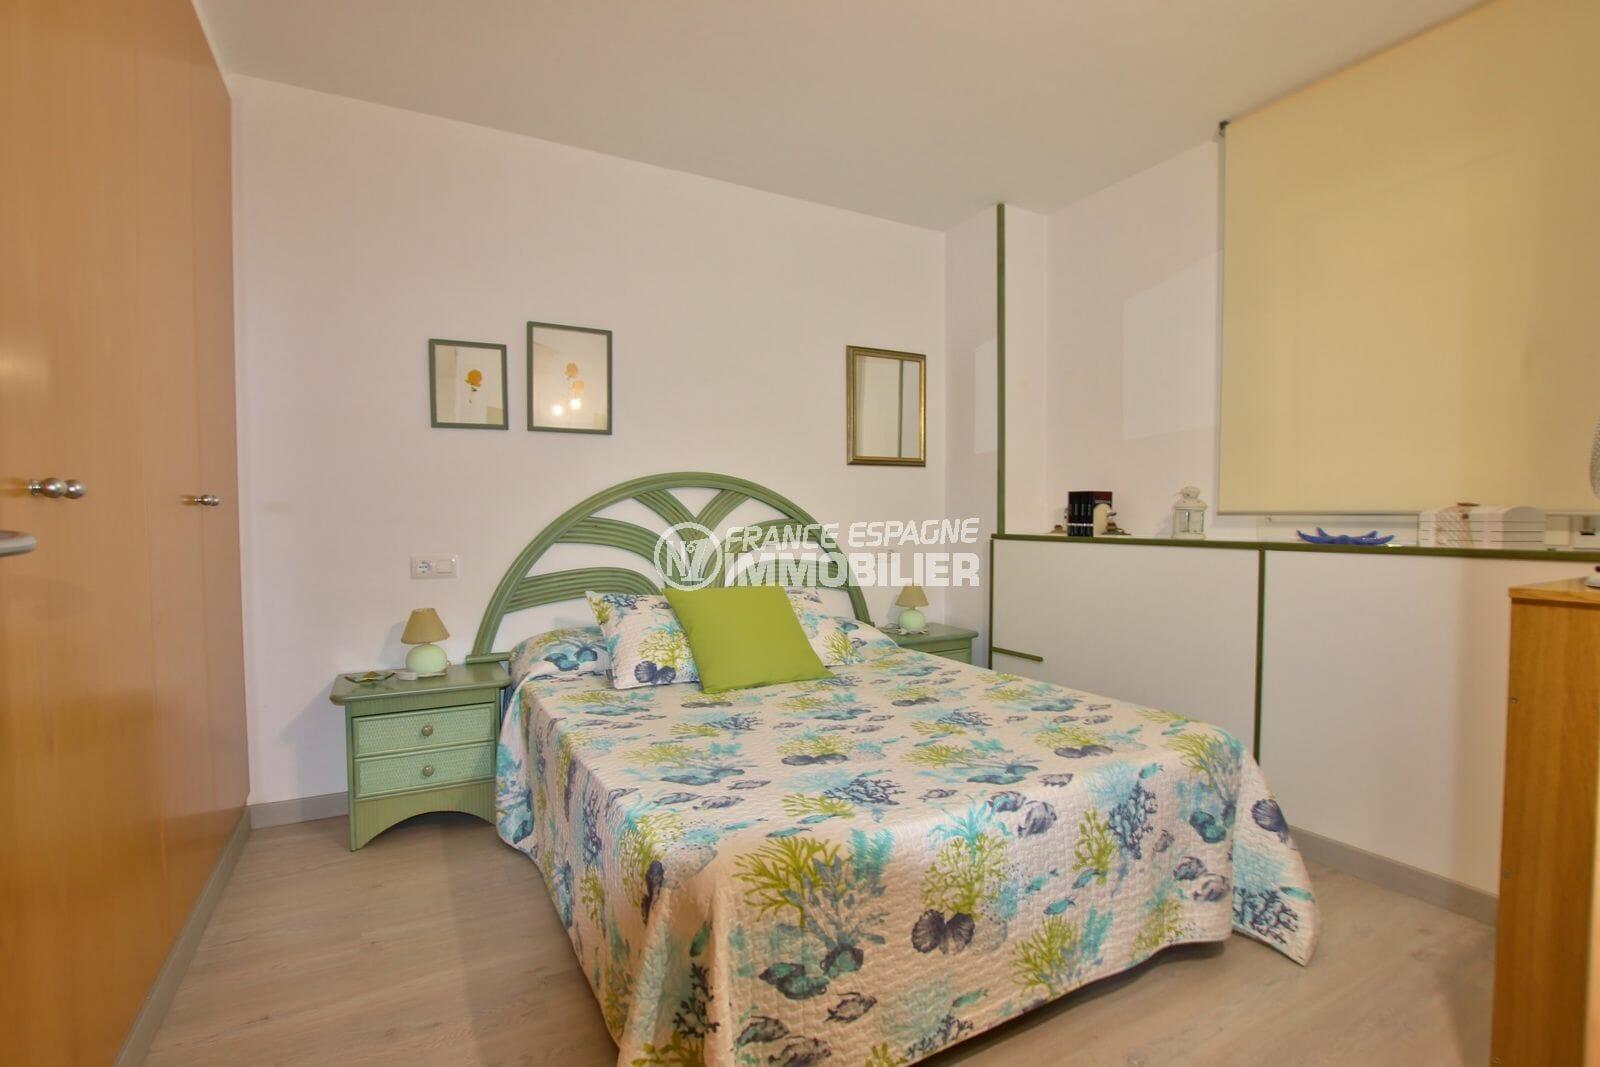 acheter appartement rosas, piscine, chambre avec lit double et rangements